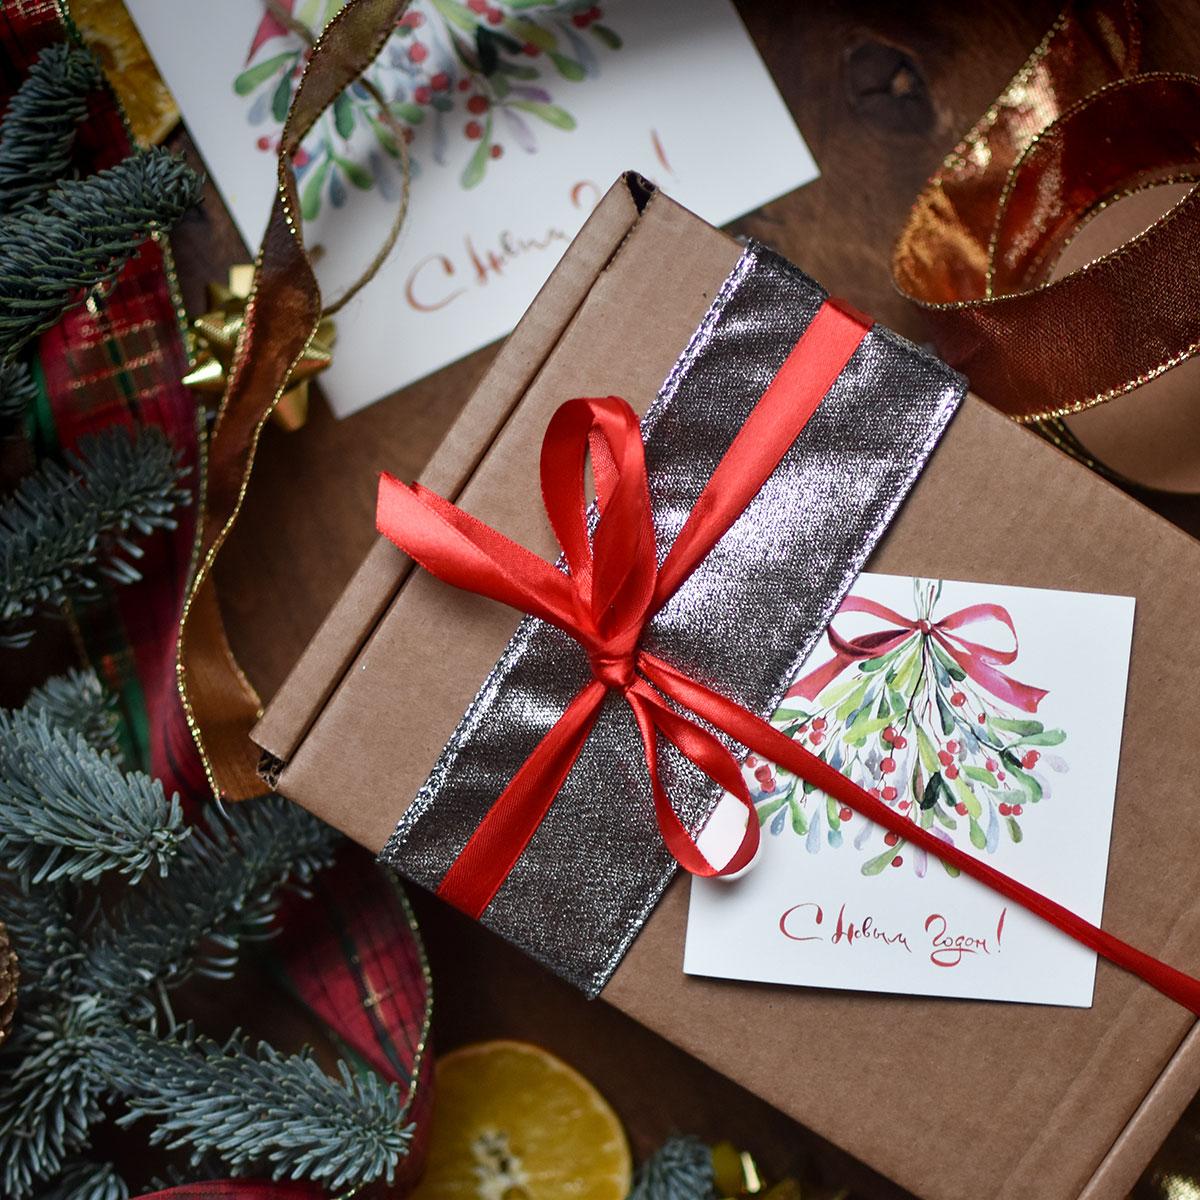 картинка Подарочный набор Новогодний светло-зеленый - DishWishes.Ru